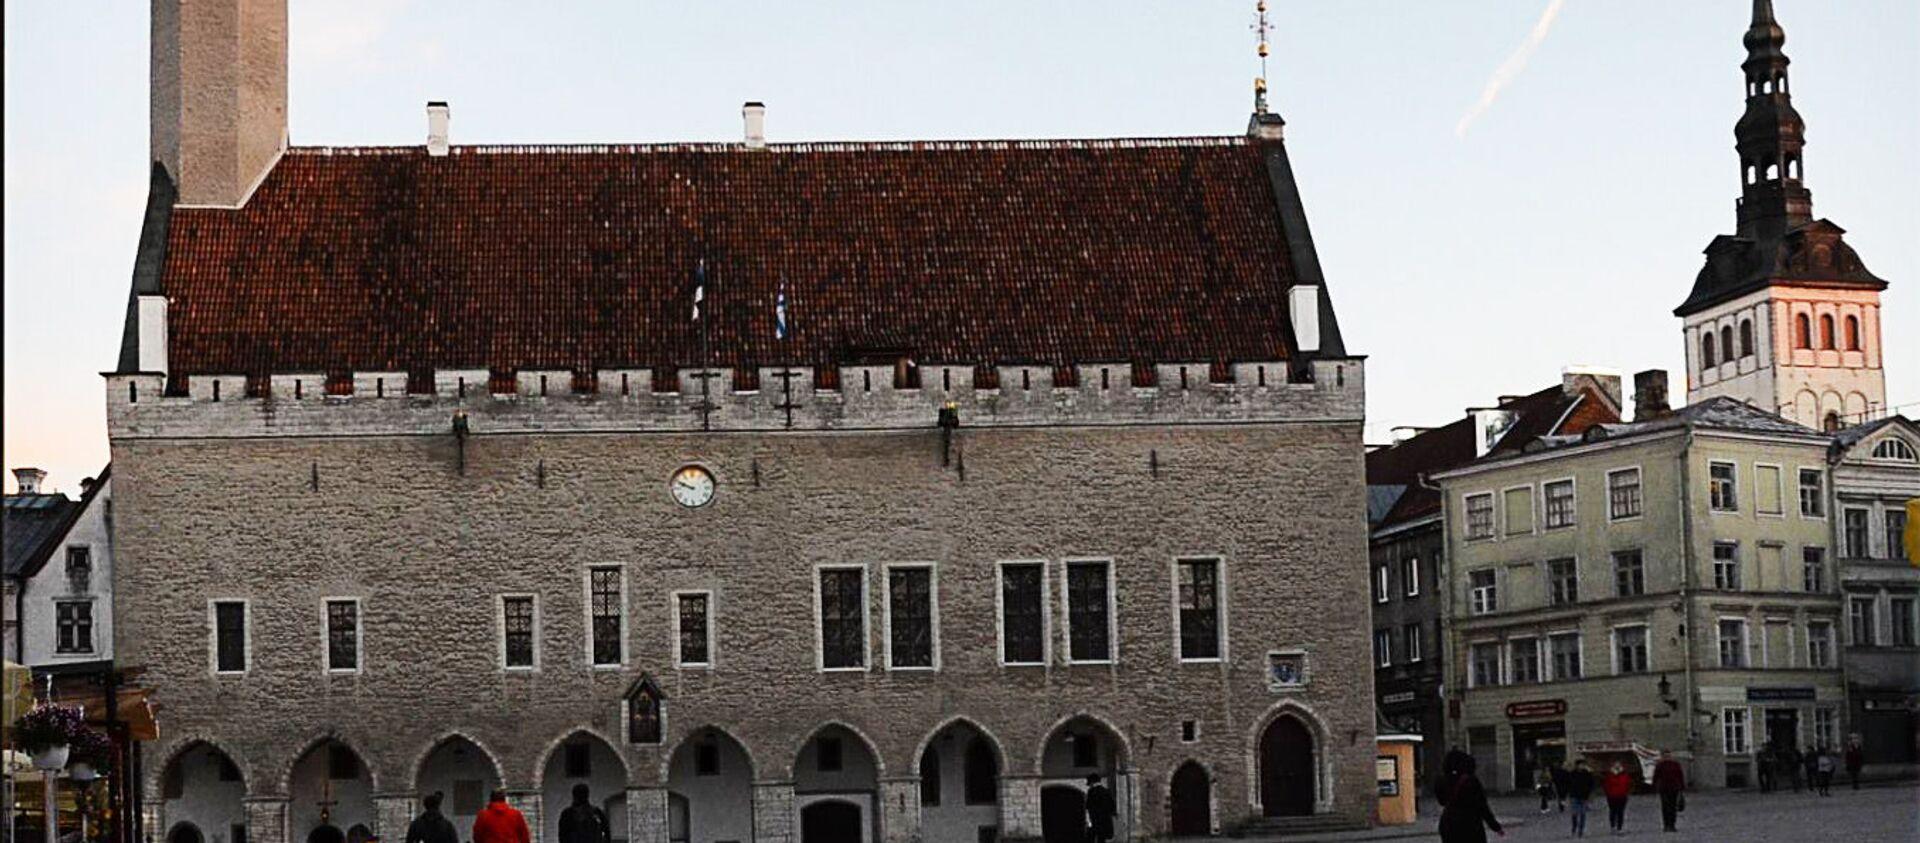 Таллин, старый город - Sputnik Латвия, 1920, 17.05.2021